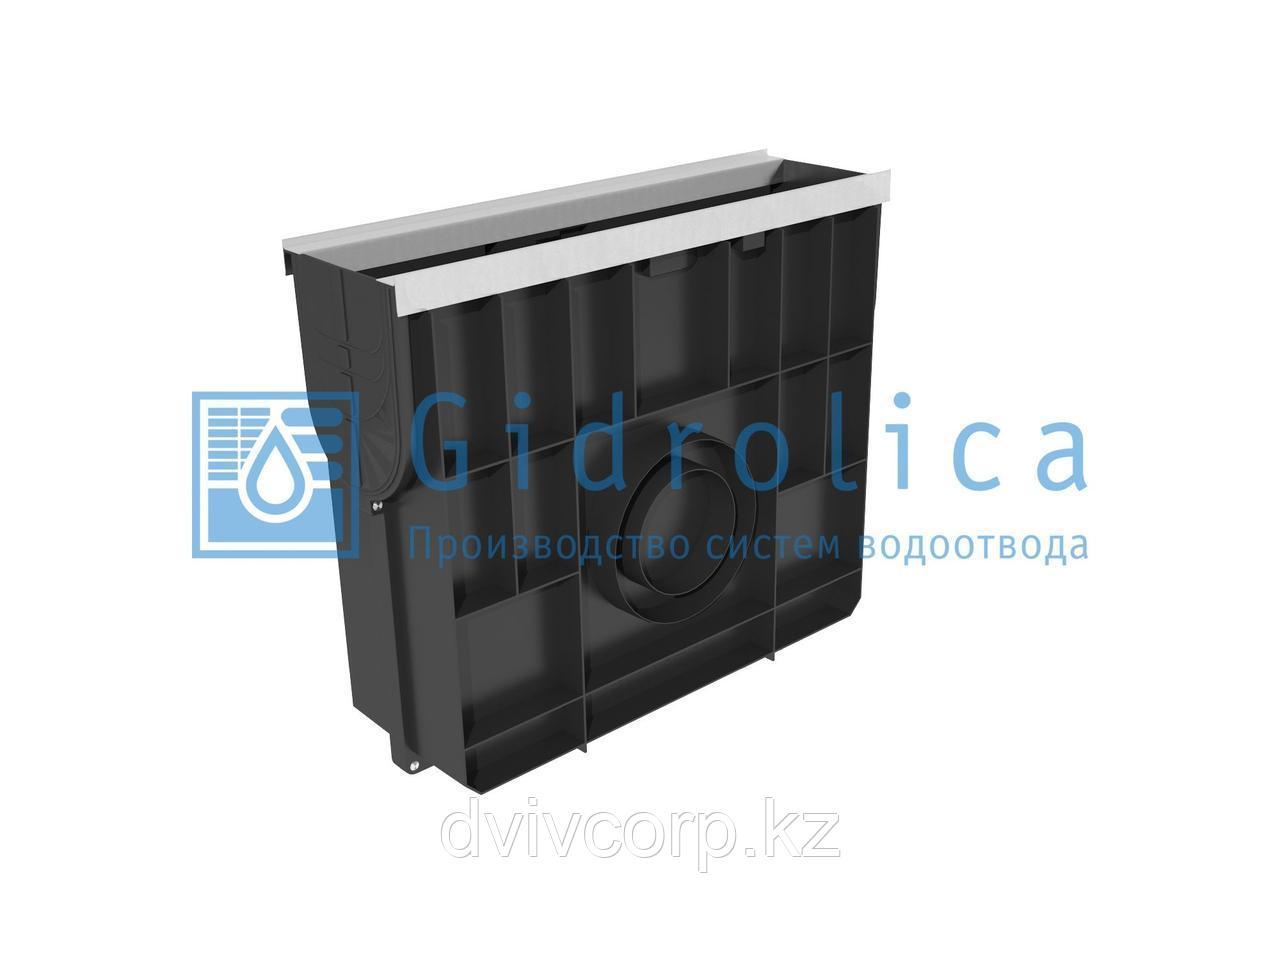 Арт. 8084 Пескоуловитель Gidrolica Standart Plus ПУ-10.16.42 - пластиковый (усиленный)